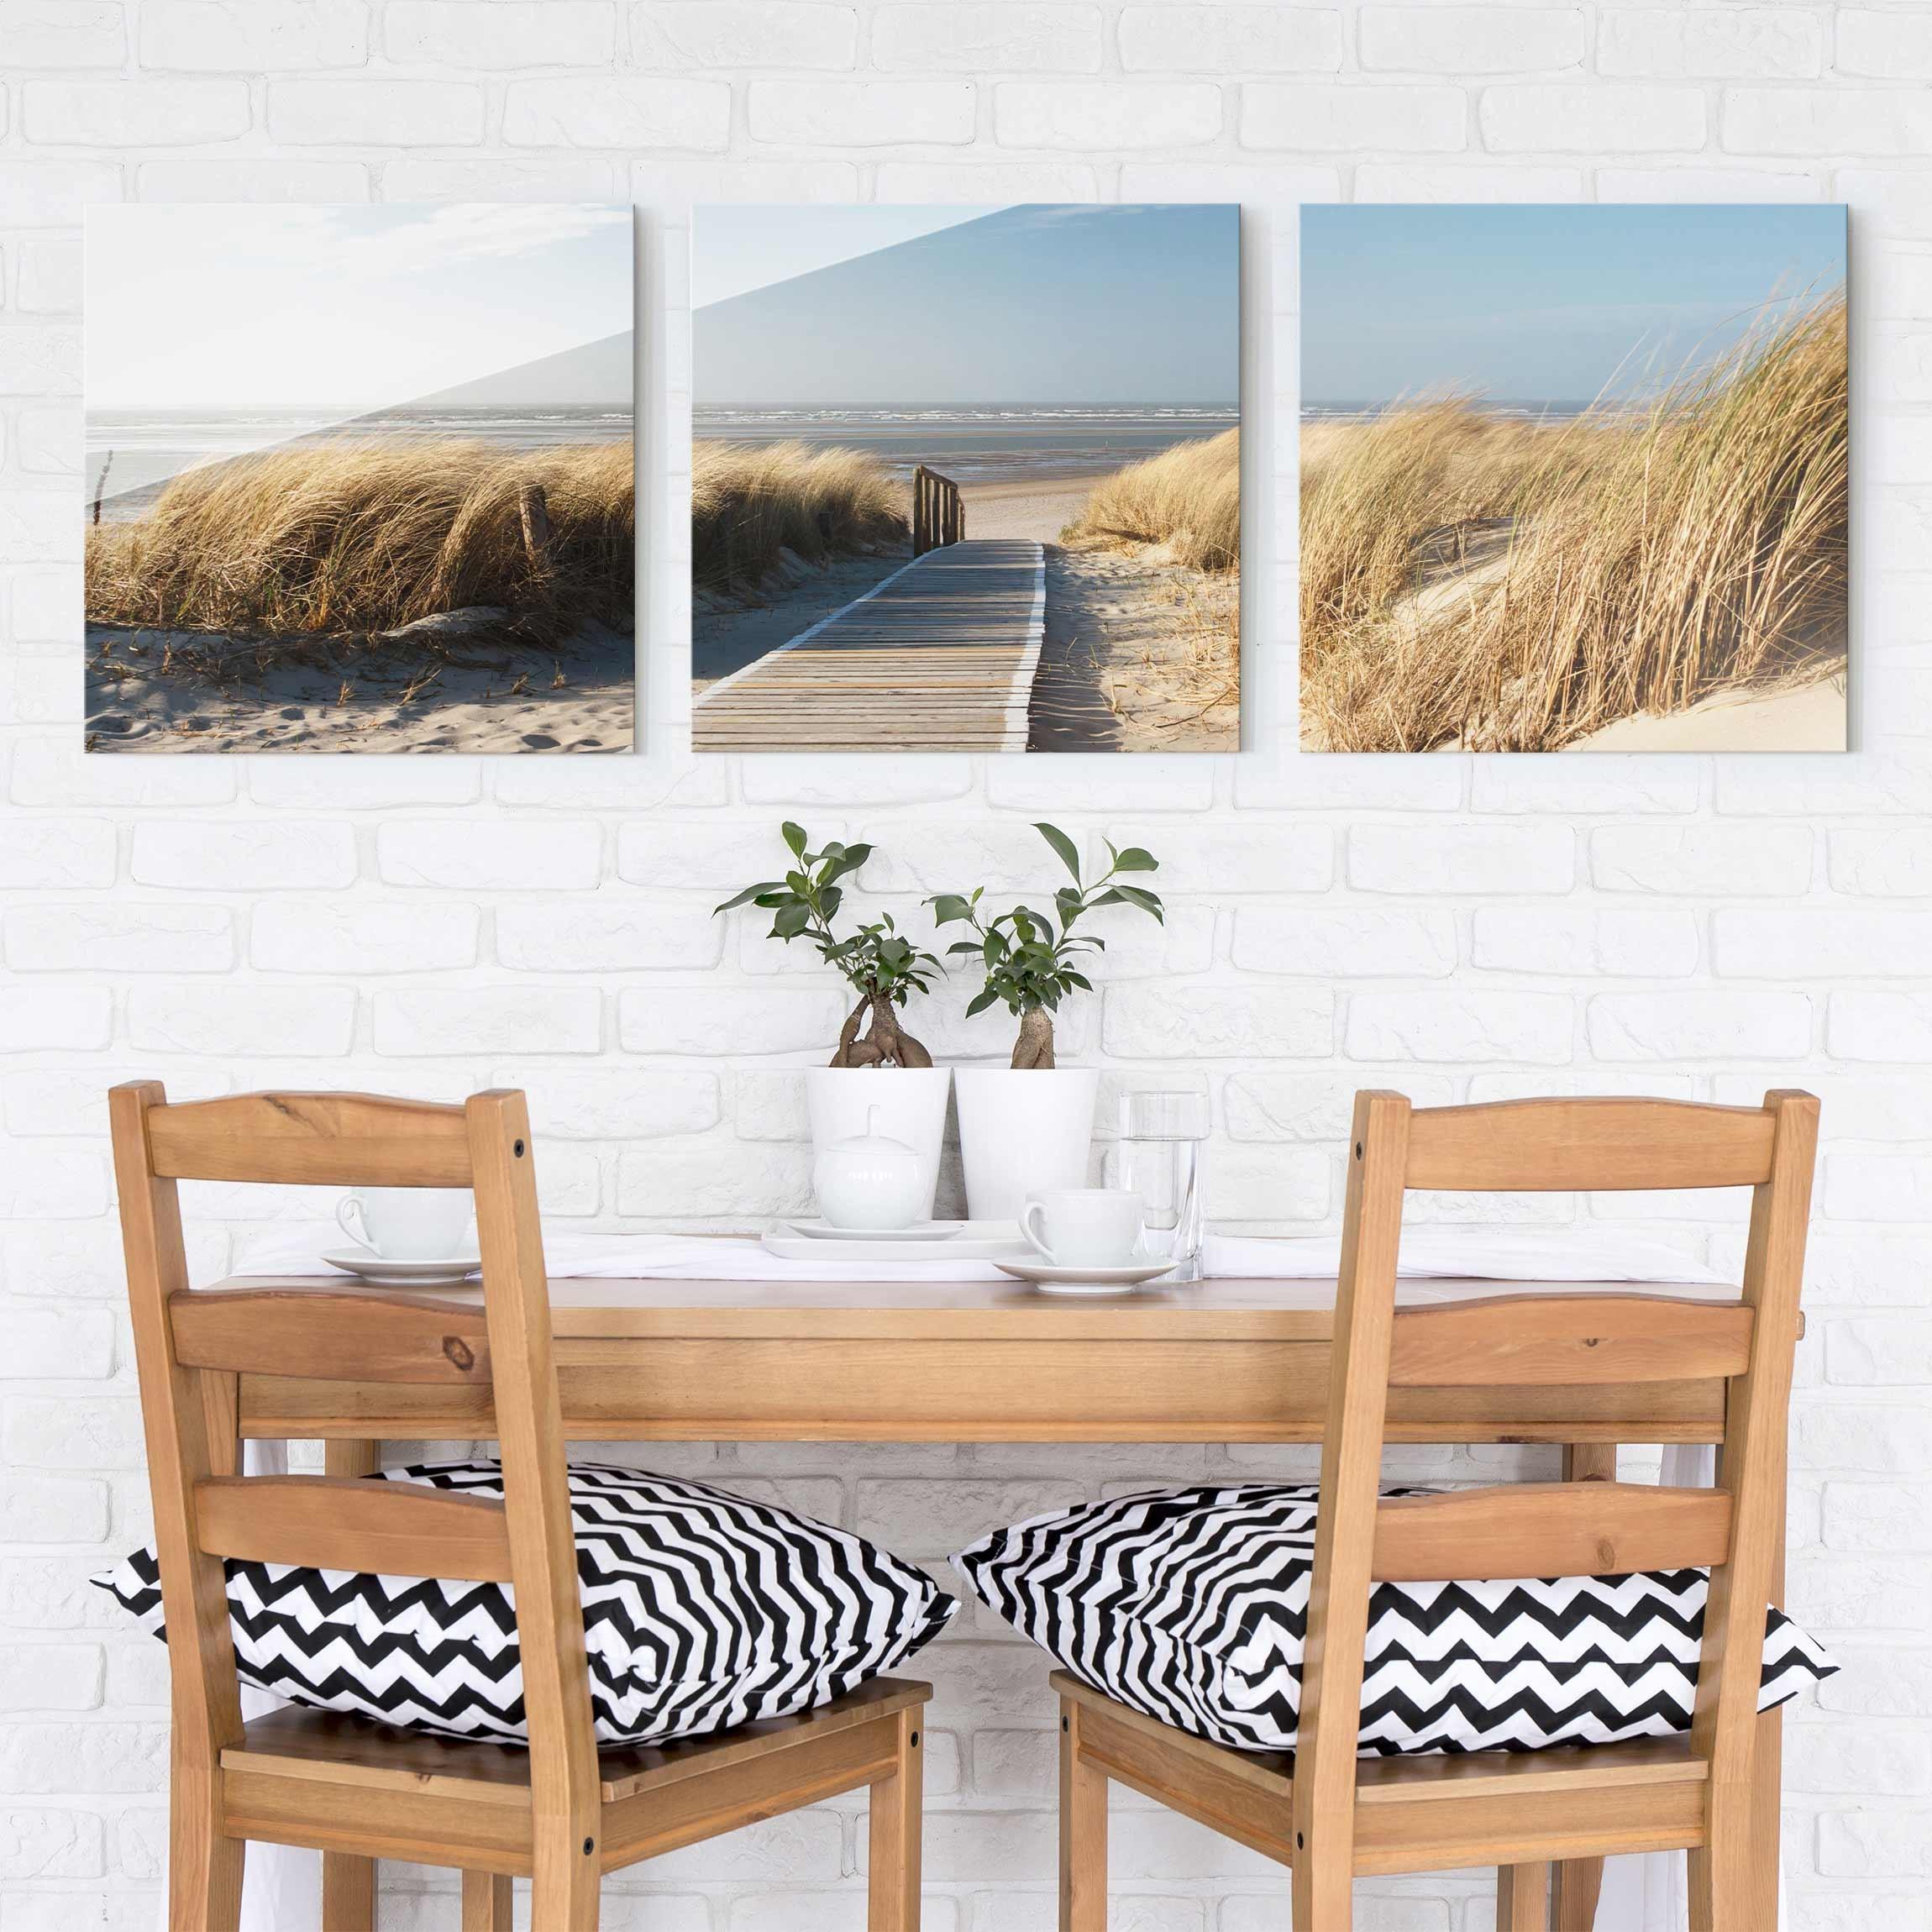 glasbild mehrteilig ostsee strand 3 teilig waldbild glas. Black Bedroom Furniture Sets. Home Design Ideas